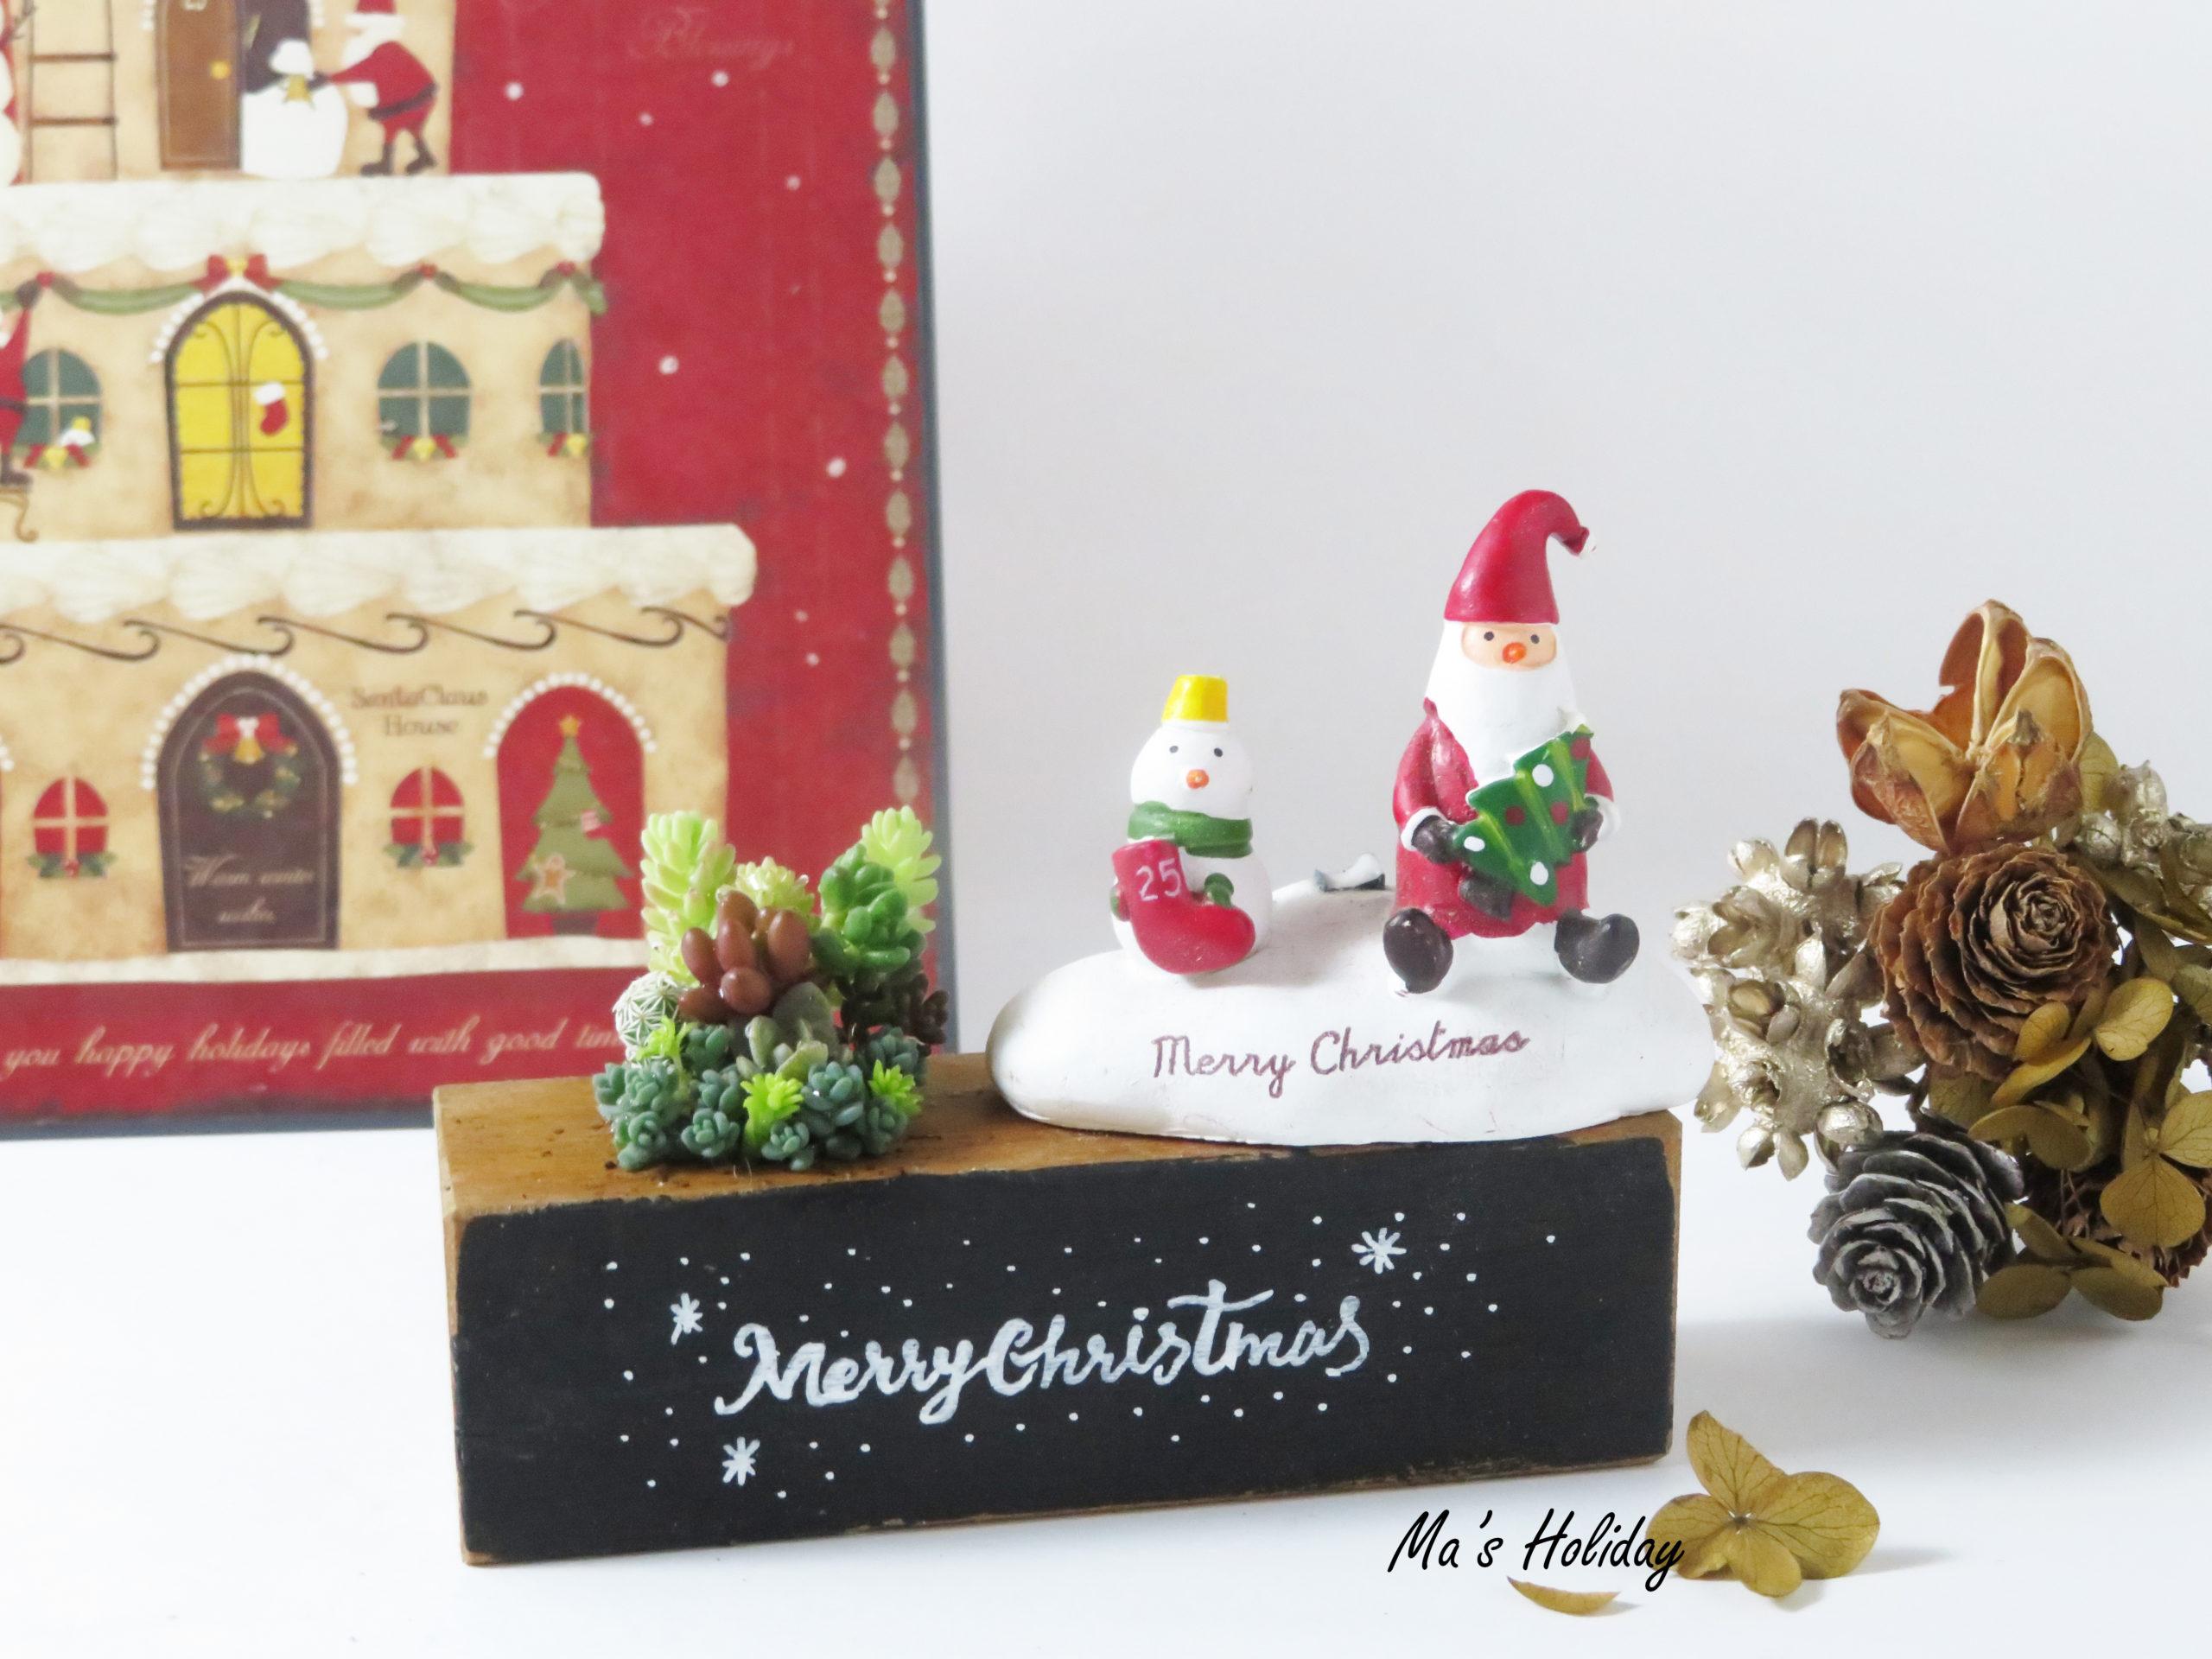 クリスマスのちまちま寄植え